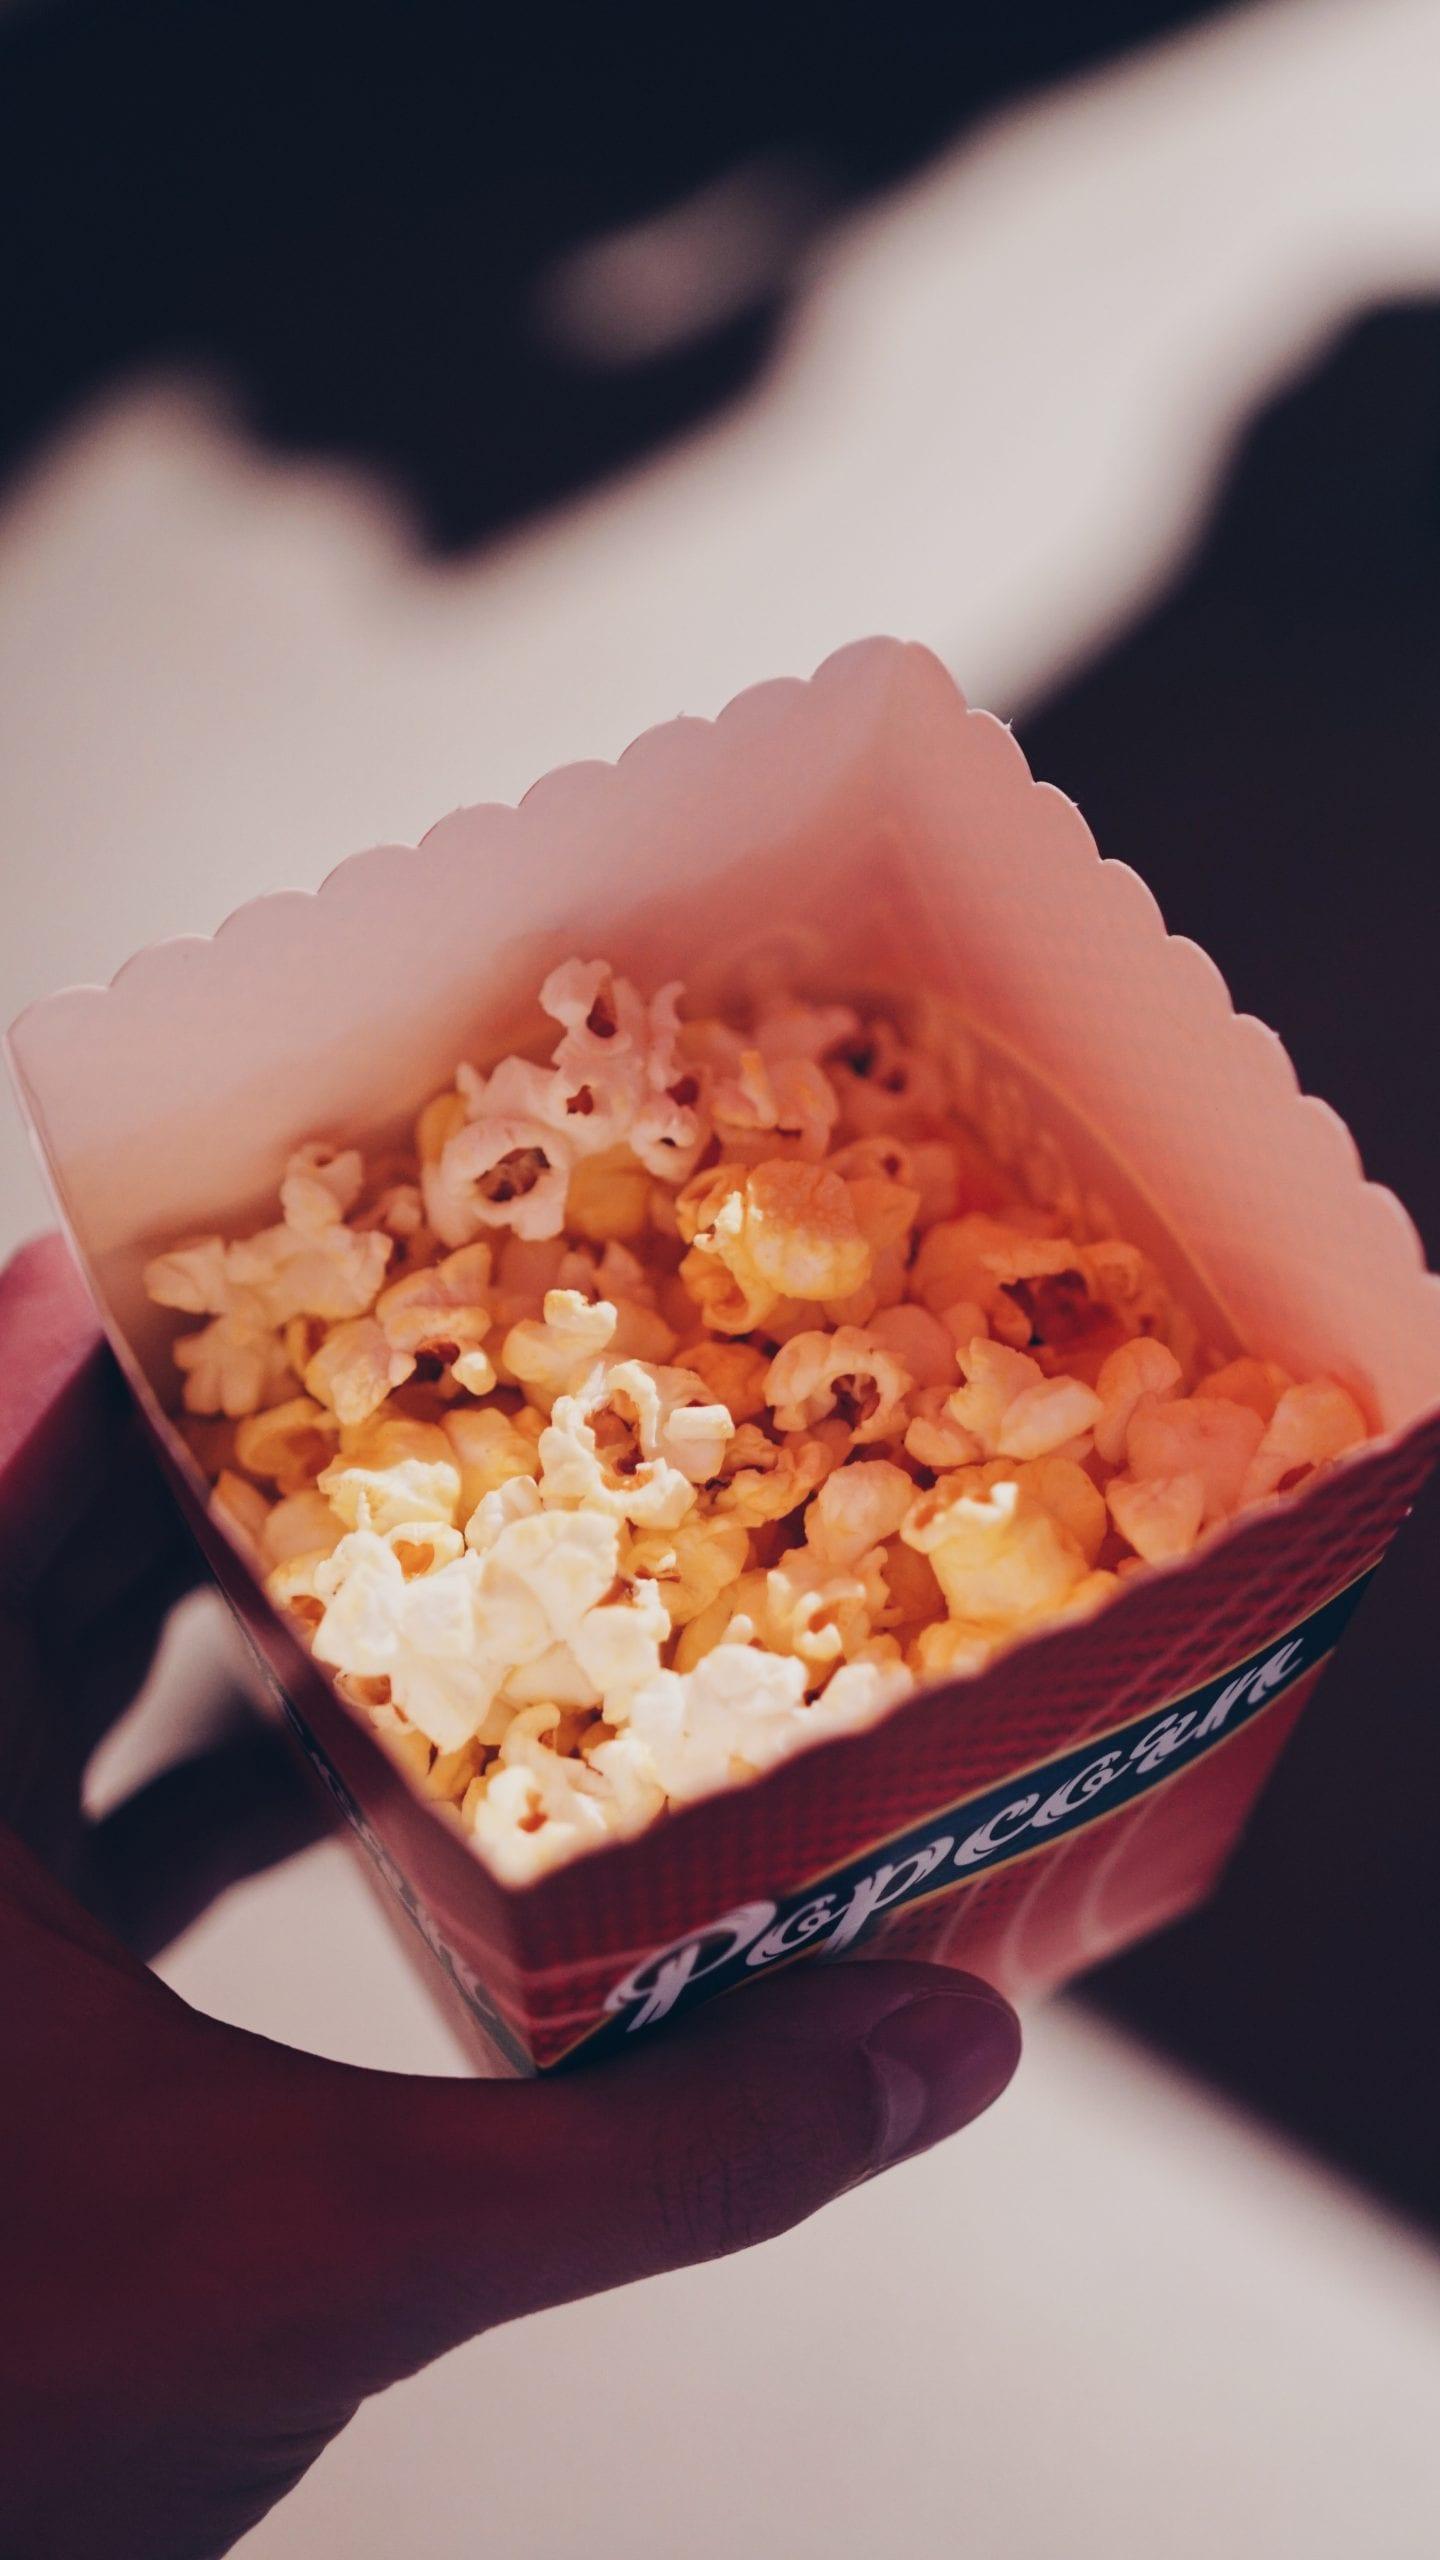 Гледане на филми, докато скучаем